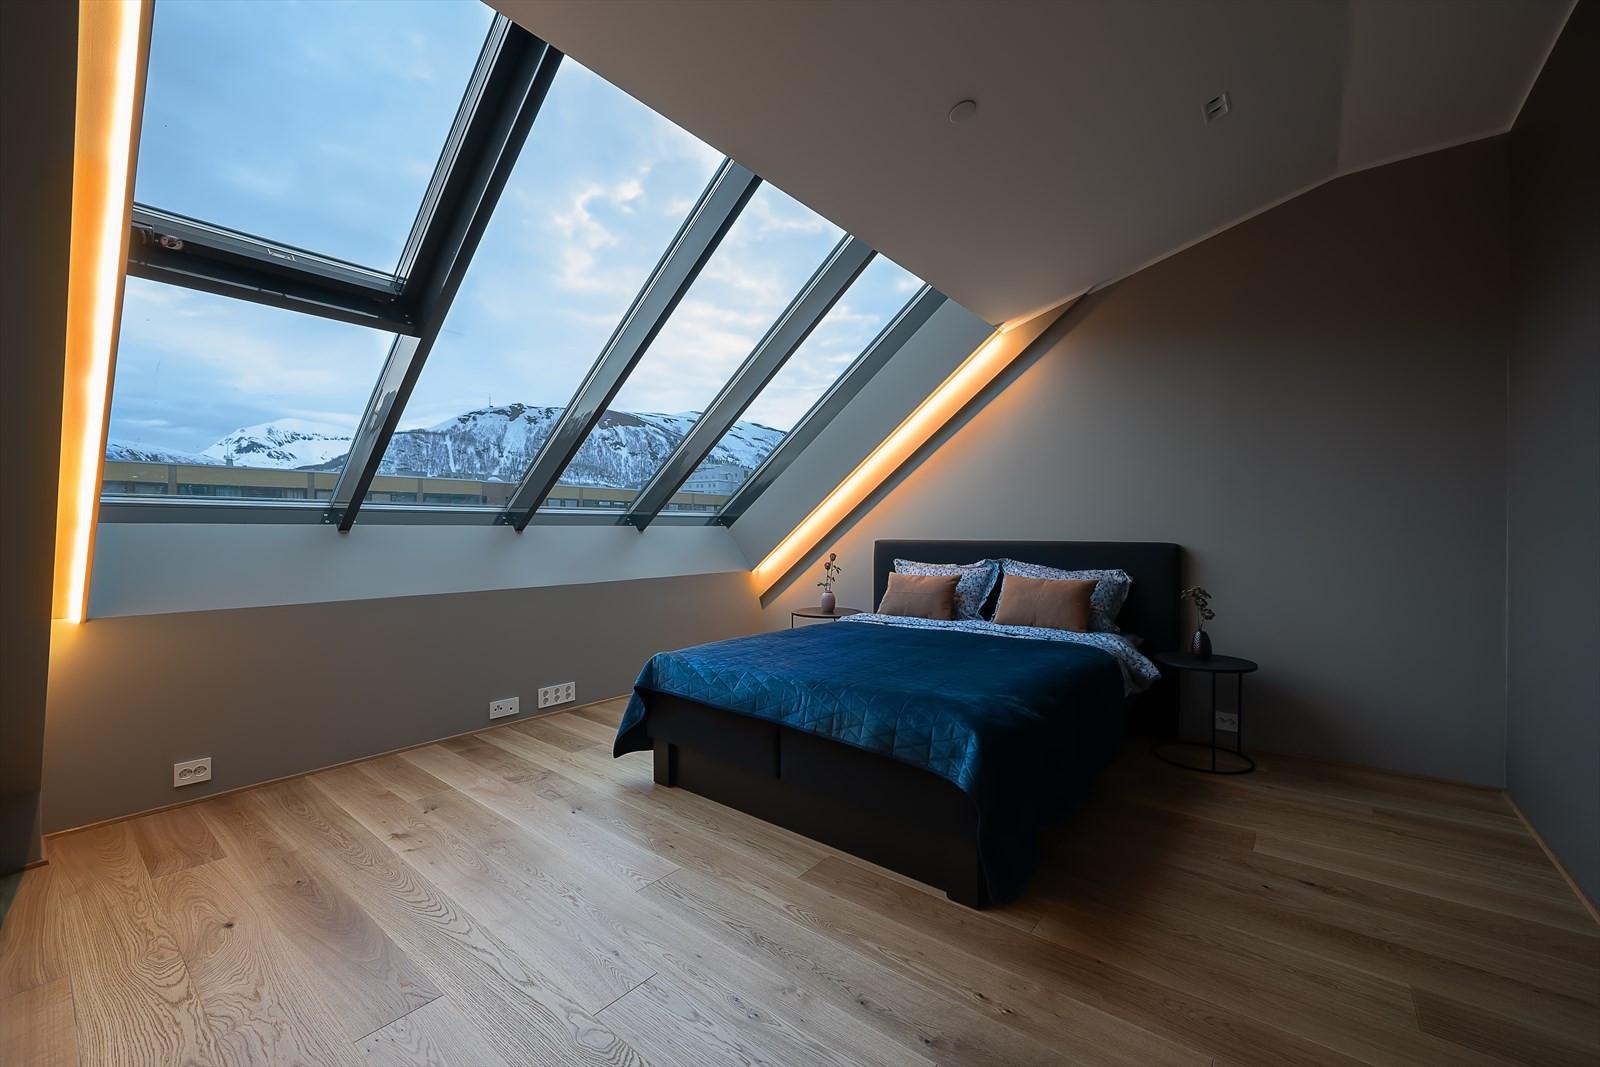 Boligen har 2 soverom hvor hovedsoverommet som du ser er på hele 12.2m2. Legg merke til den indirekte belysningen ved vinduene